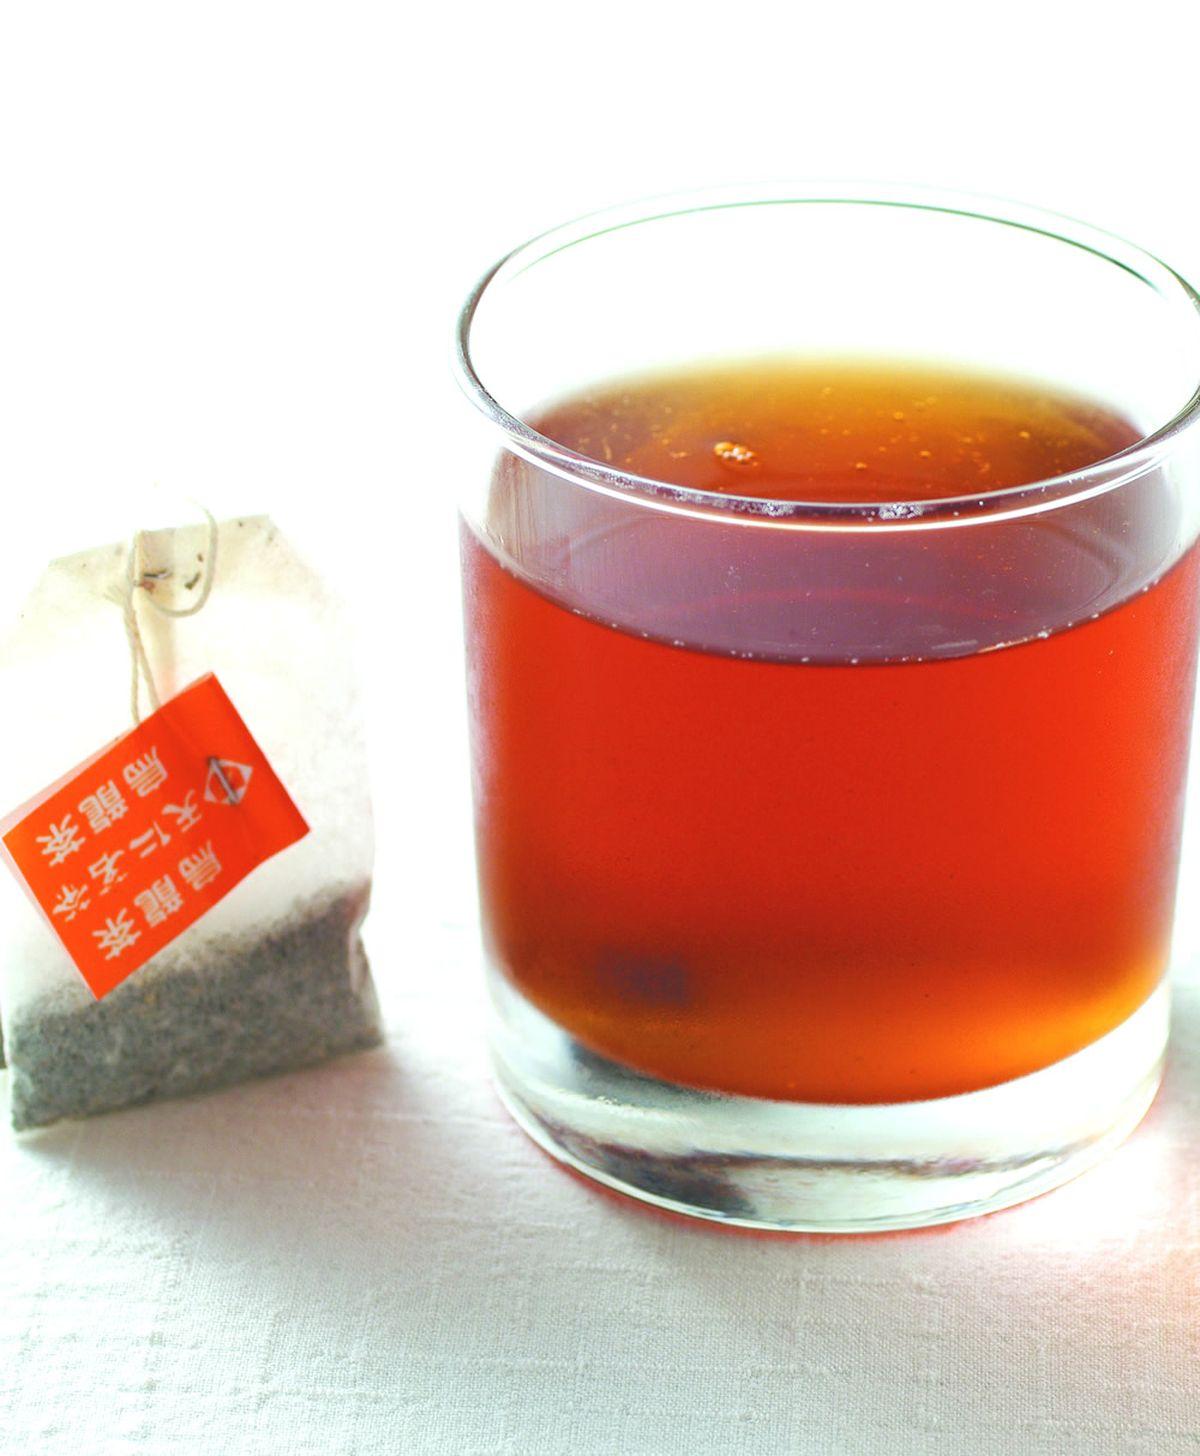 食譜:薄荷茶